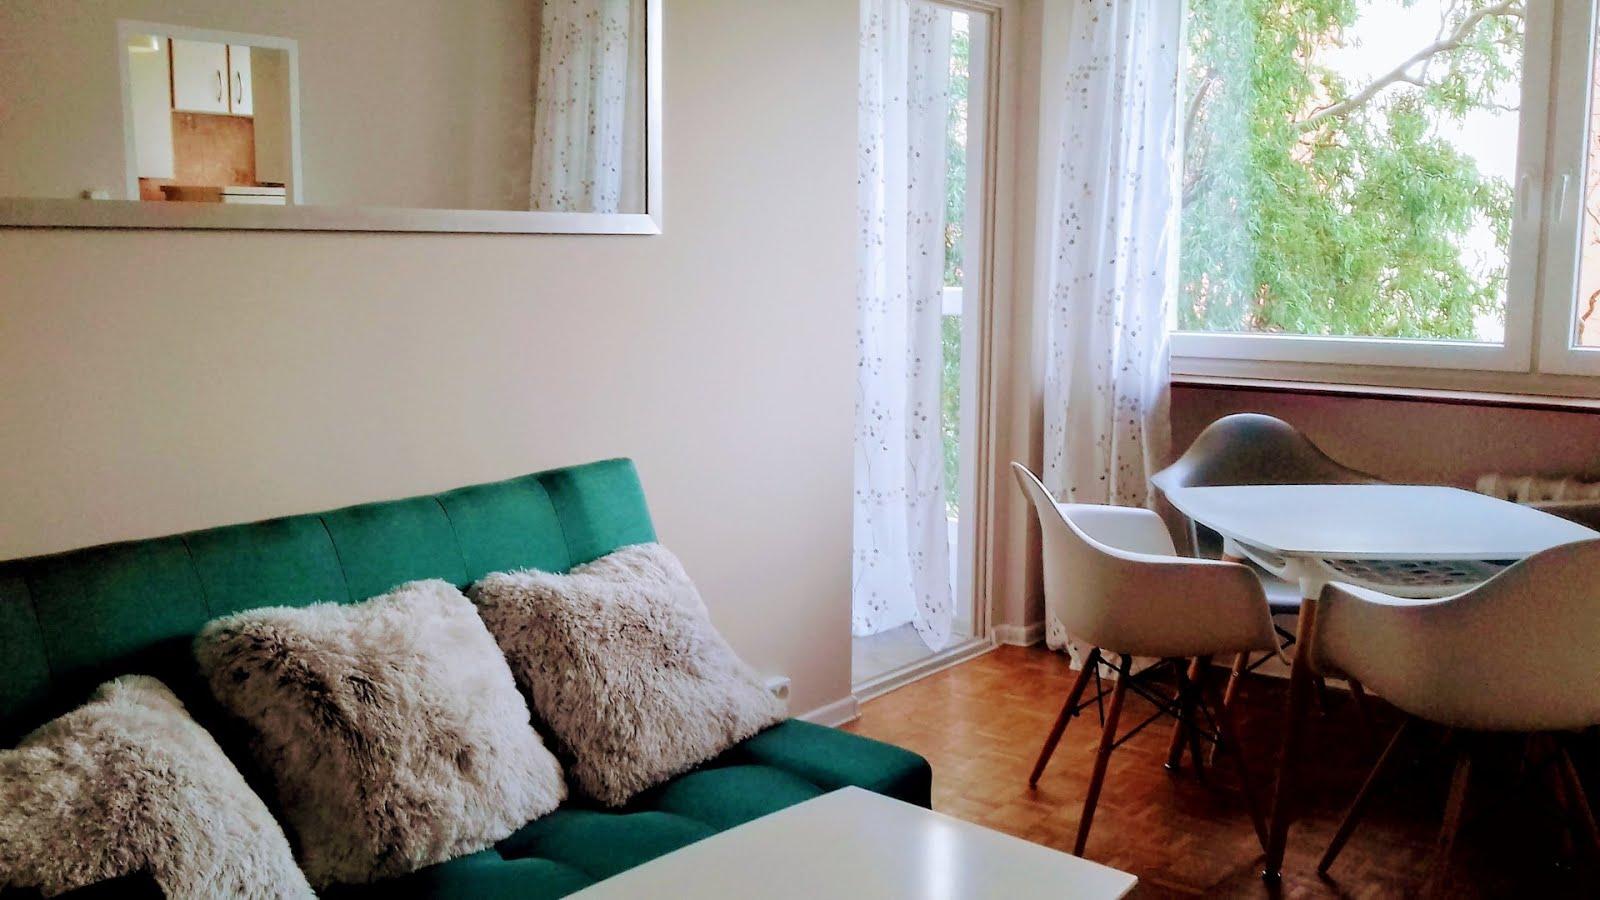 Chcesz zwiedzić Wrocław? Tanie apartementy już od 111 zł na dobę!